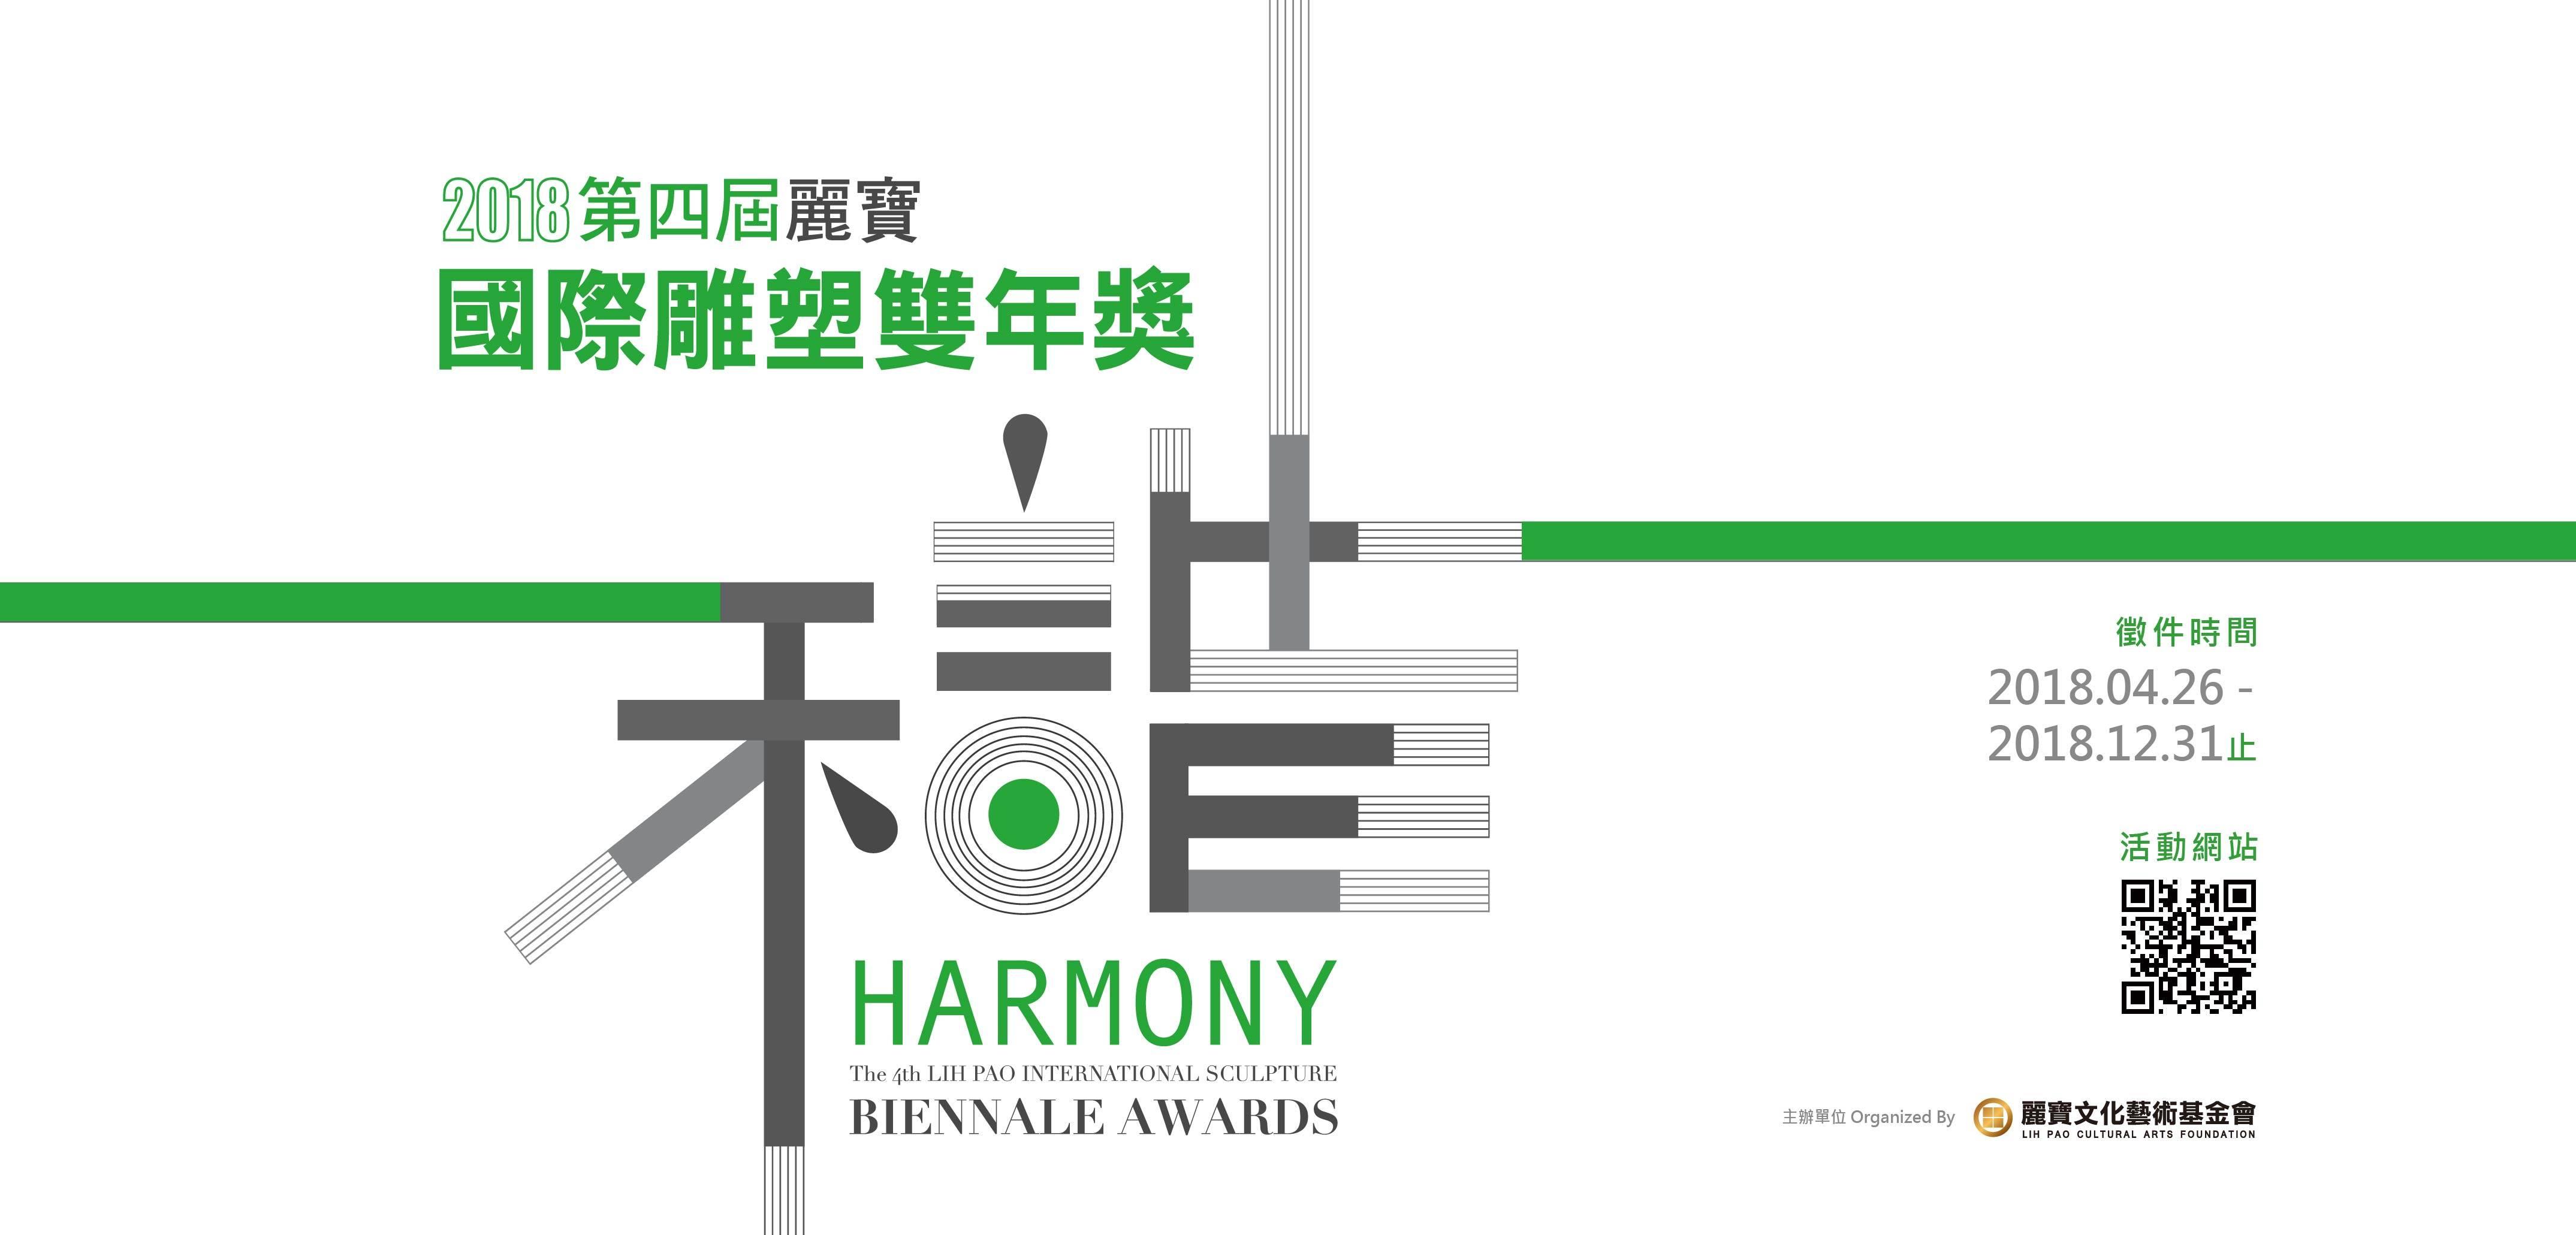 第四屆麗寶國際雕塑雙年獎